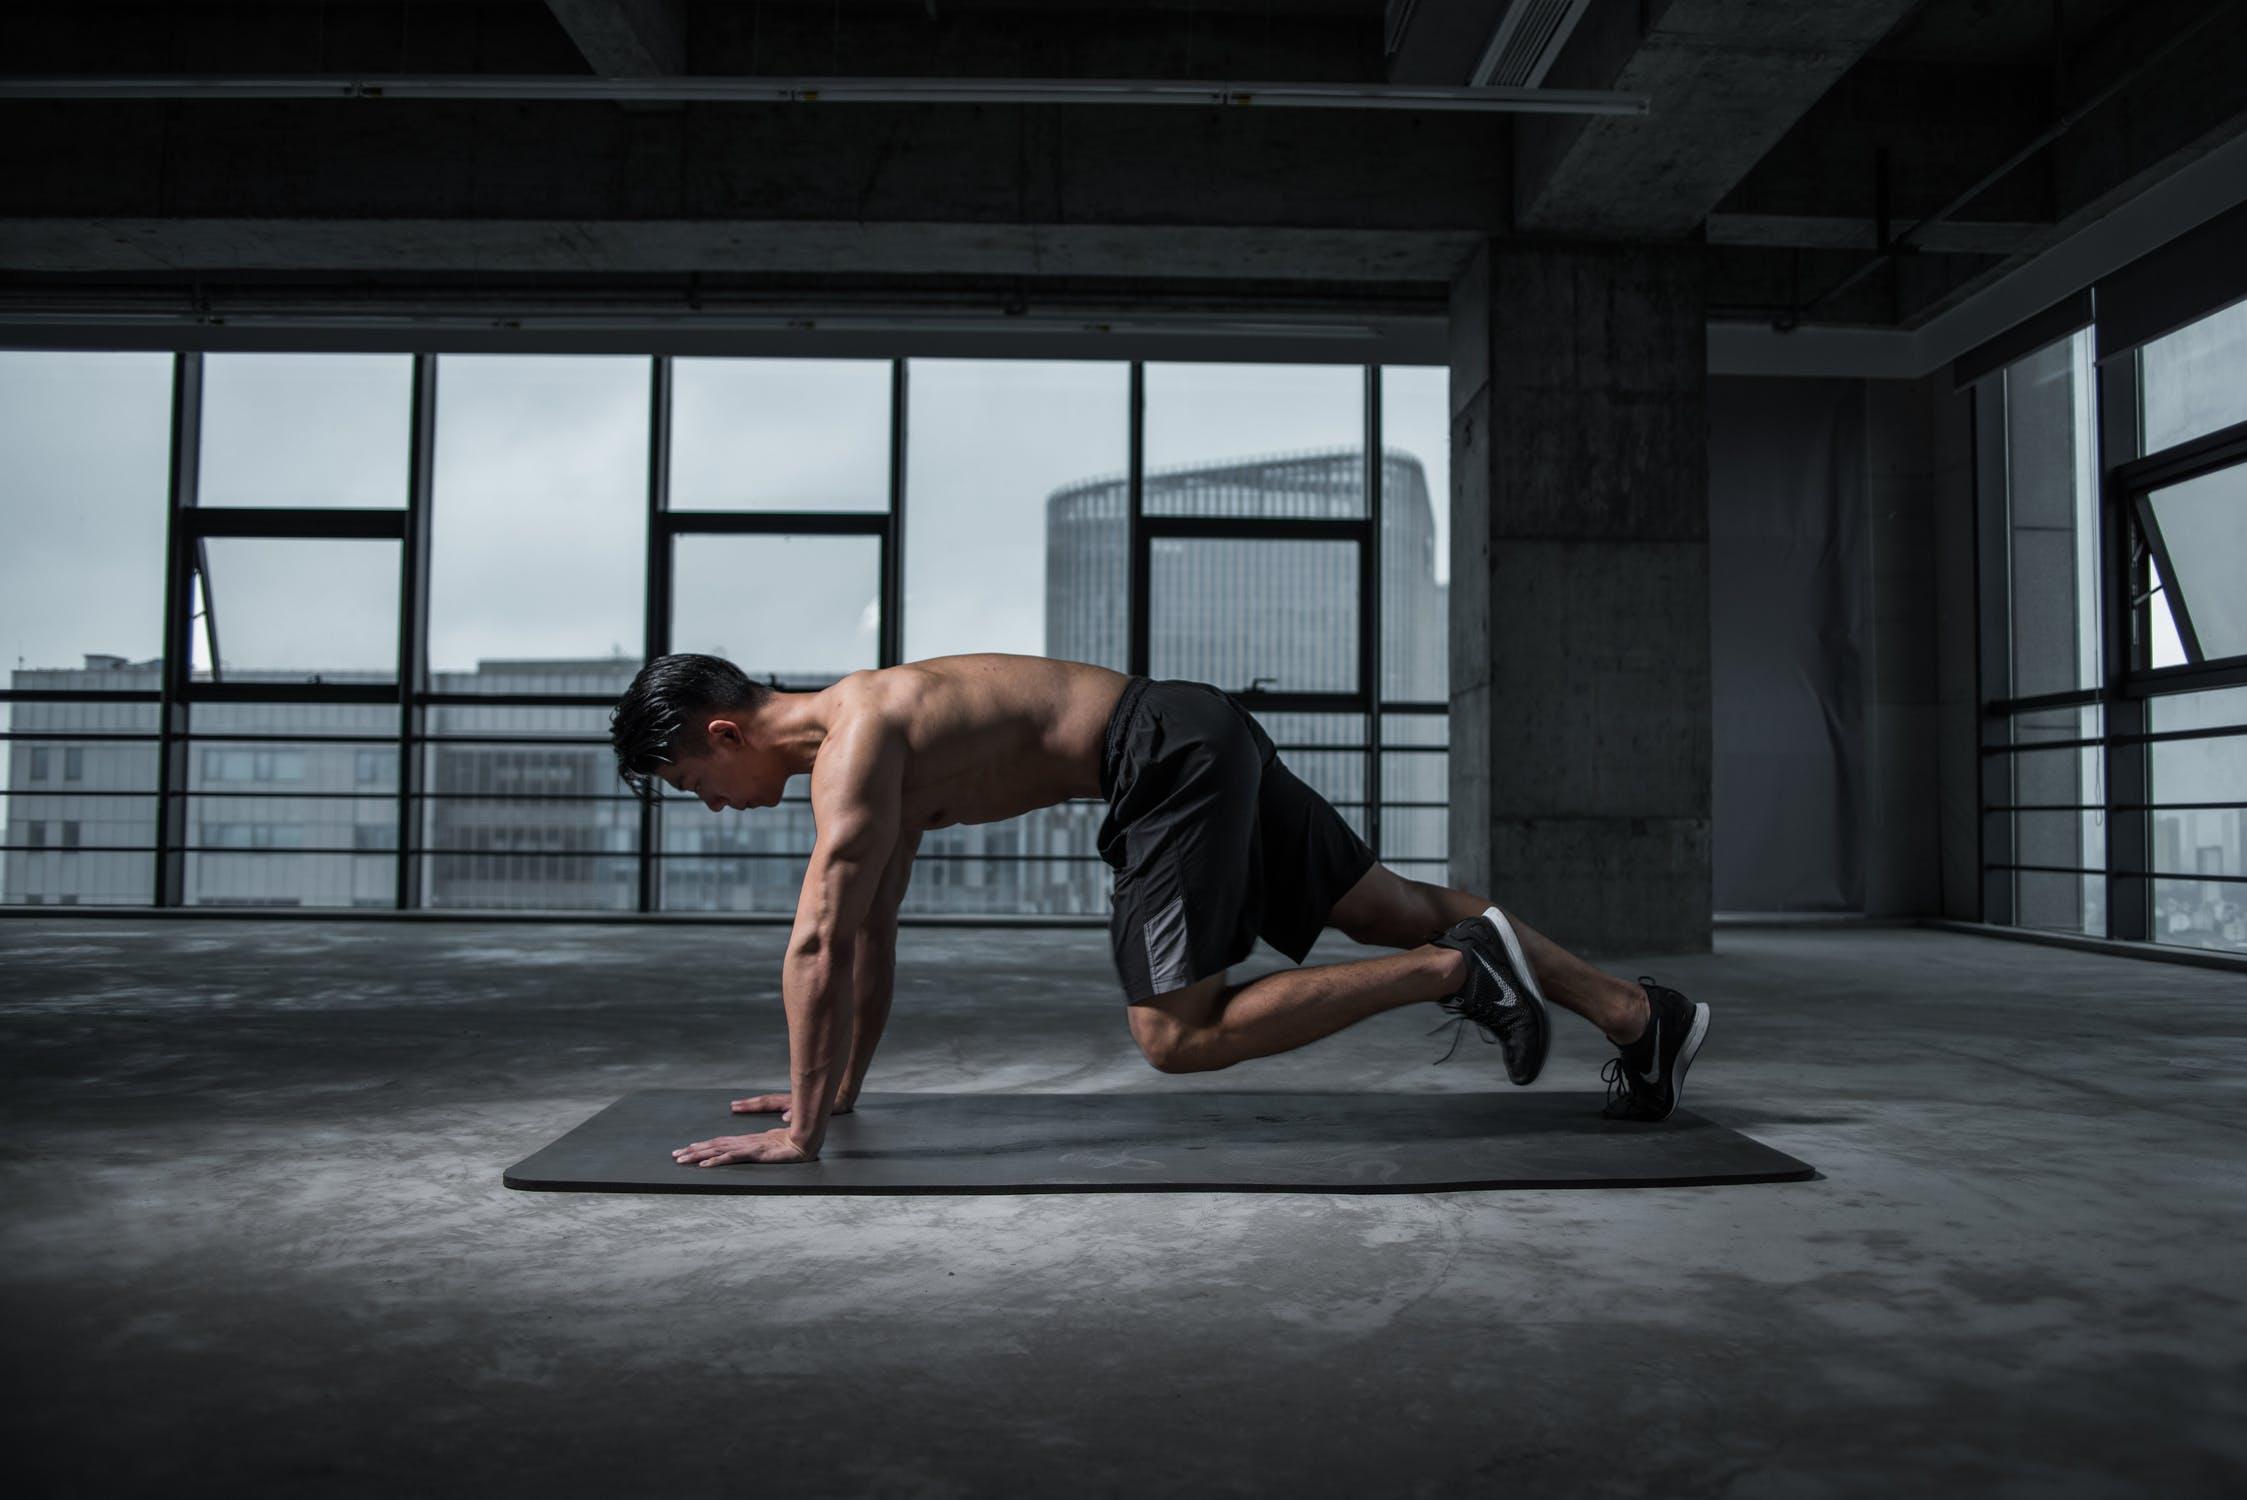 Kein Fitnessstudio erforderlich: So werden Sie zu Hause fit